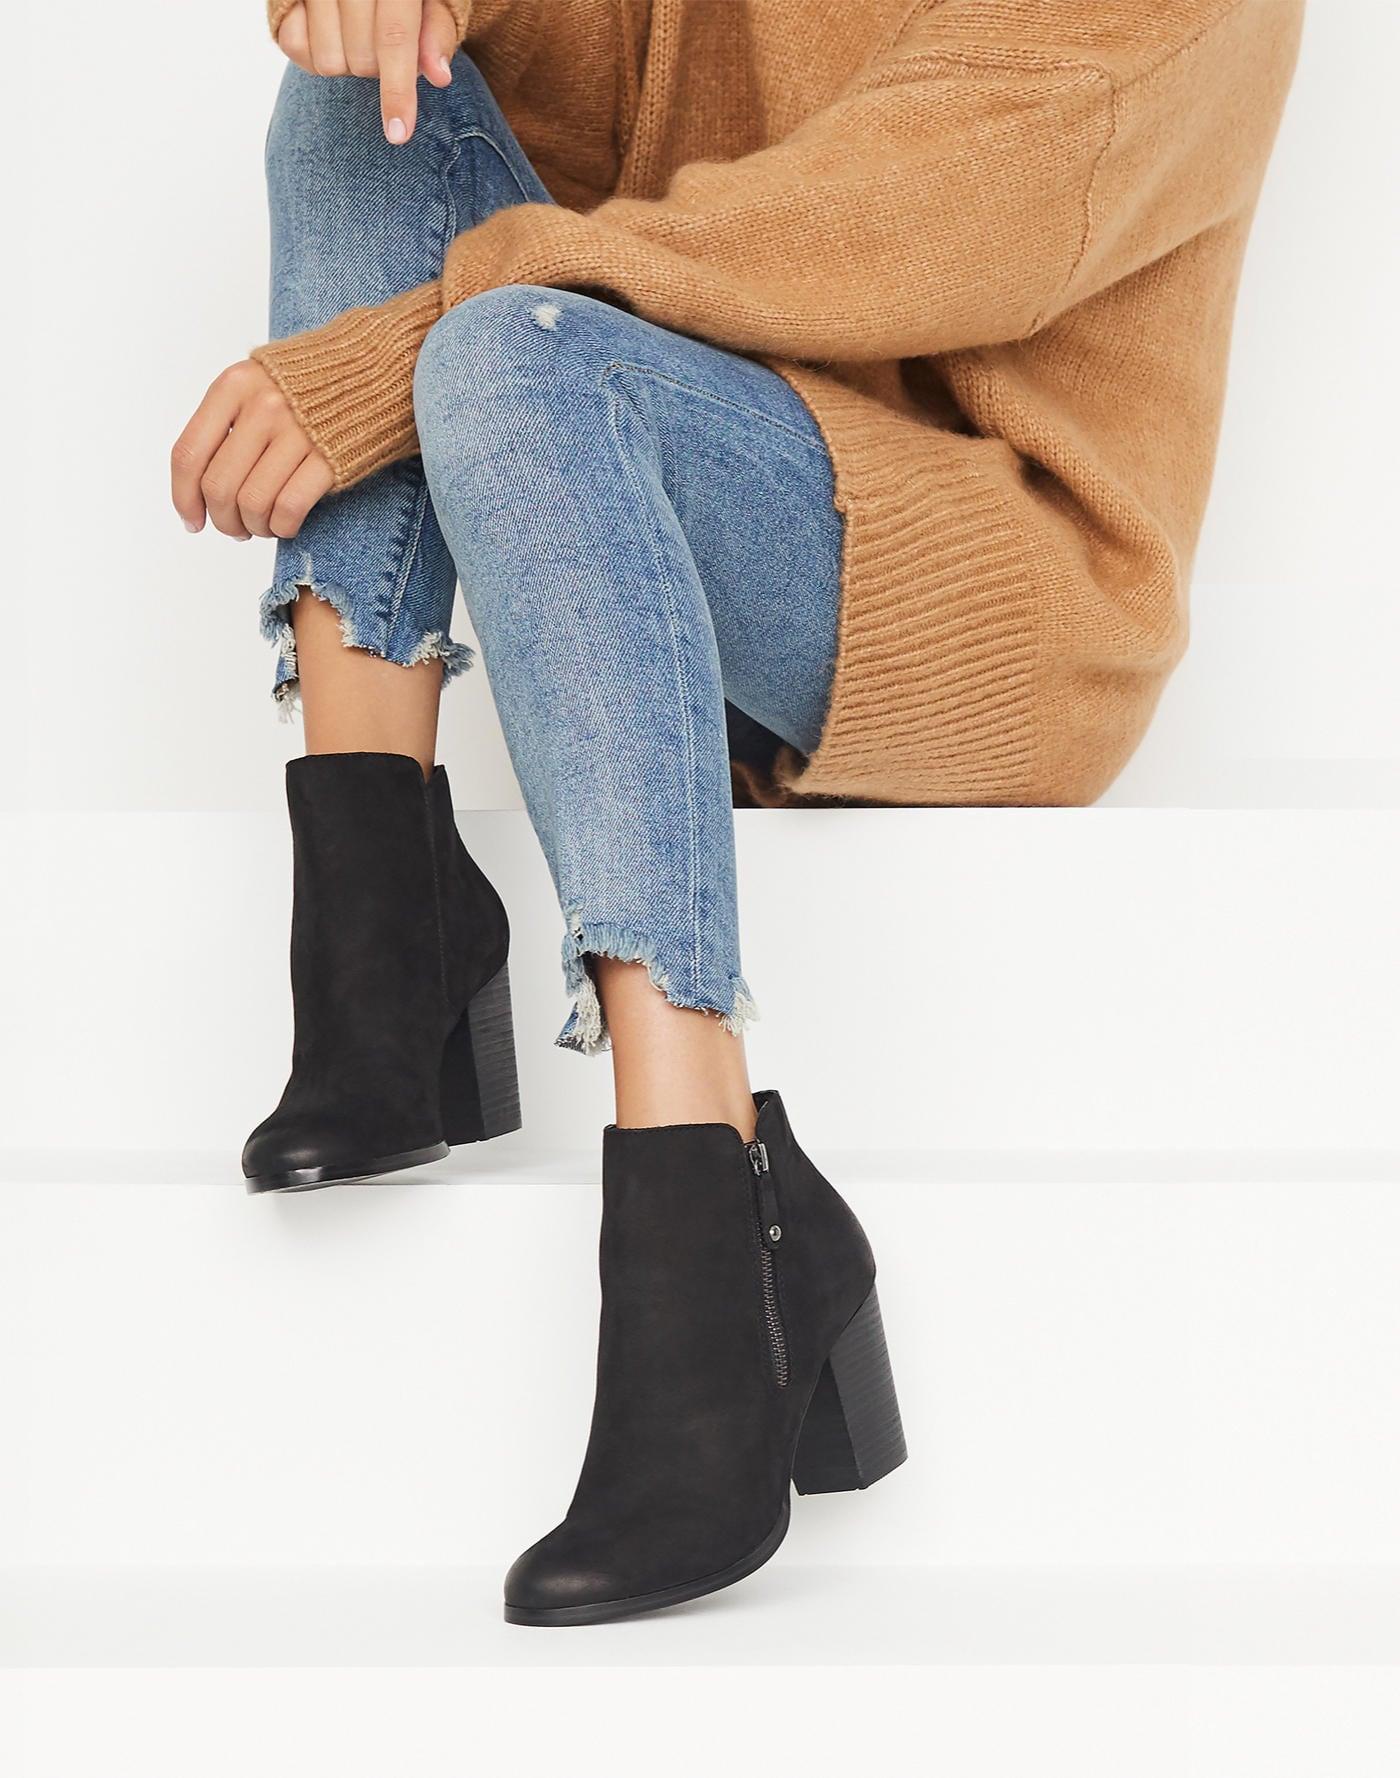 d54da3e6a9d Boots